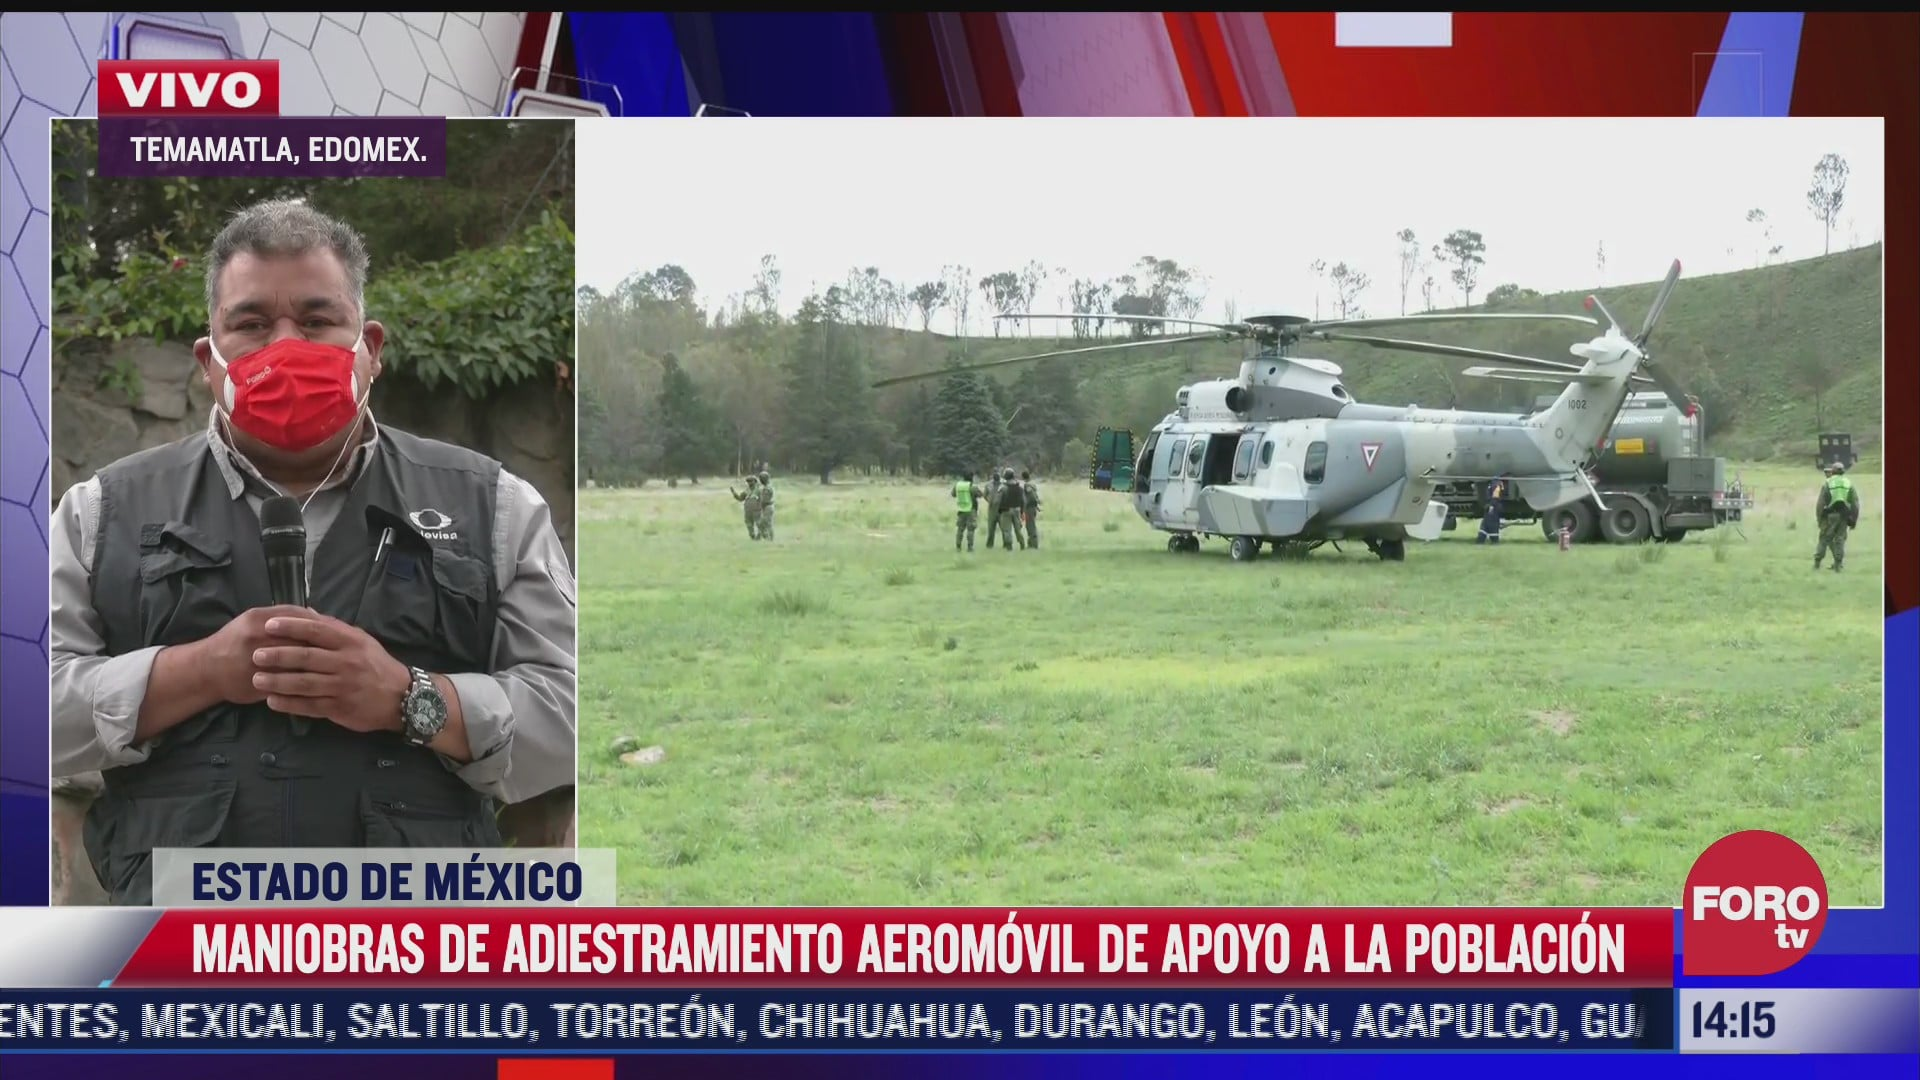 asi entrenan los cuerpos de elite del ejercito mexicano